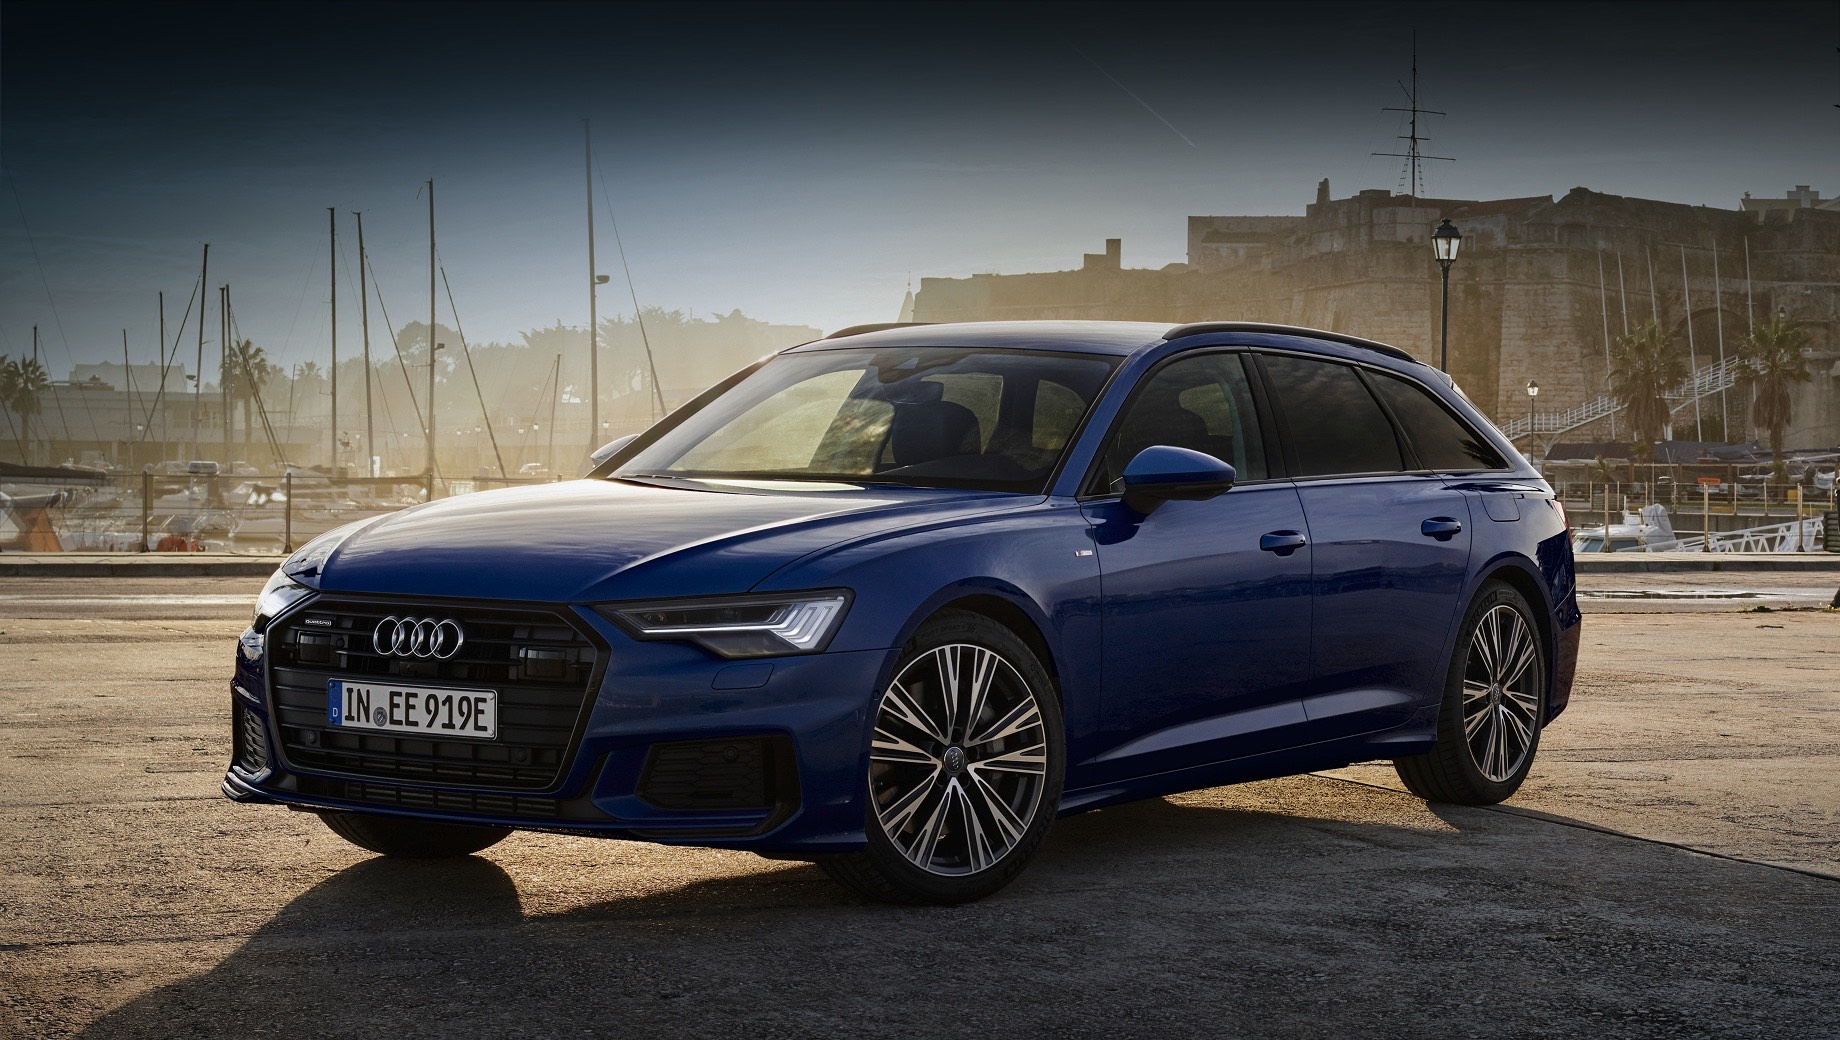 Фирма Audi добавила новый гибрид и обновила прежние